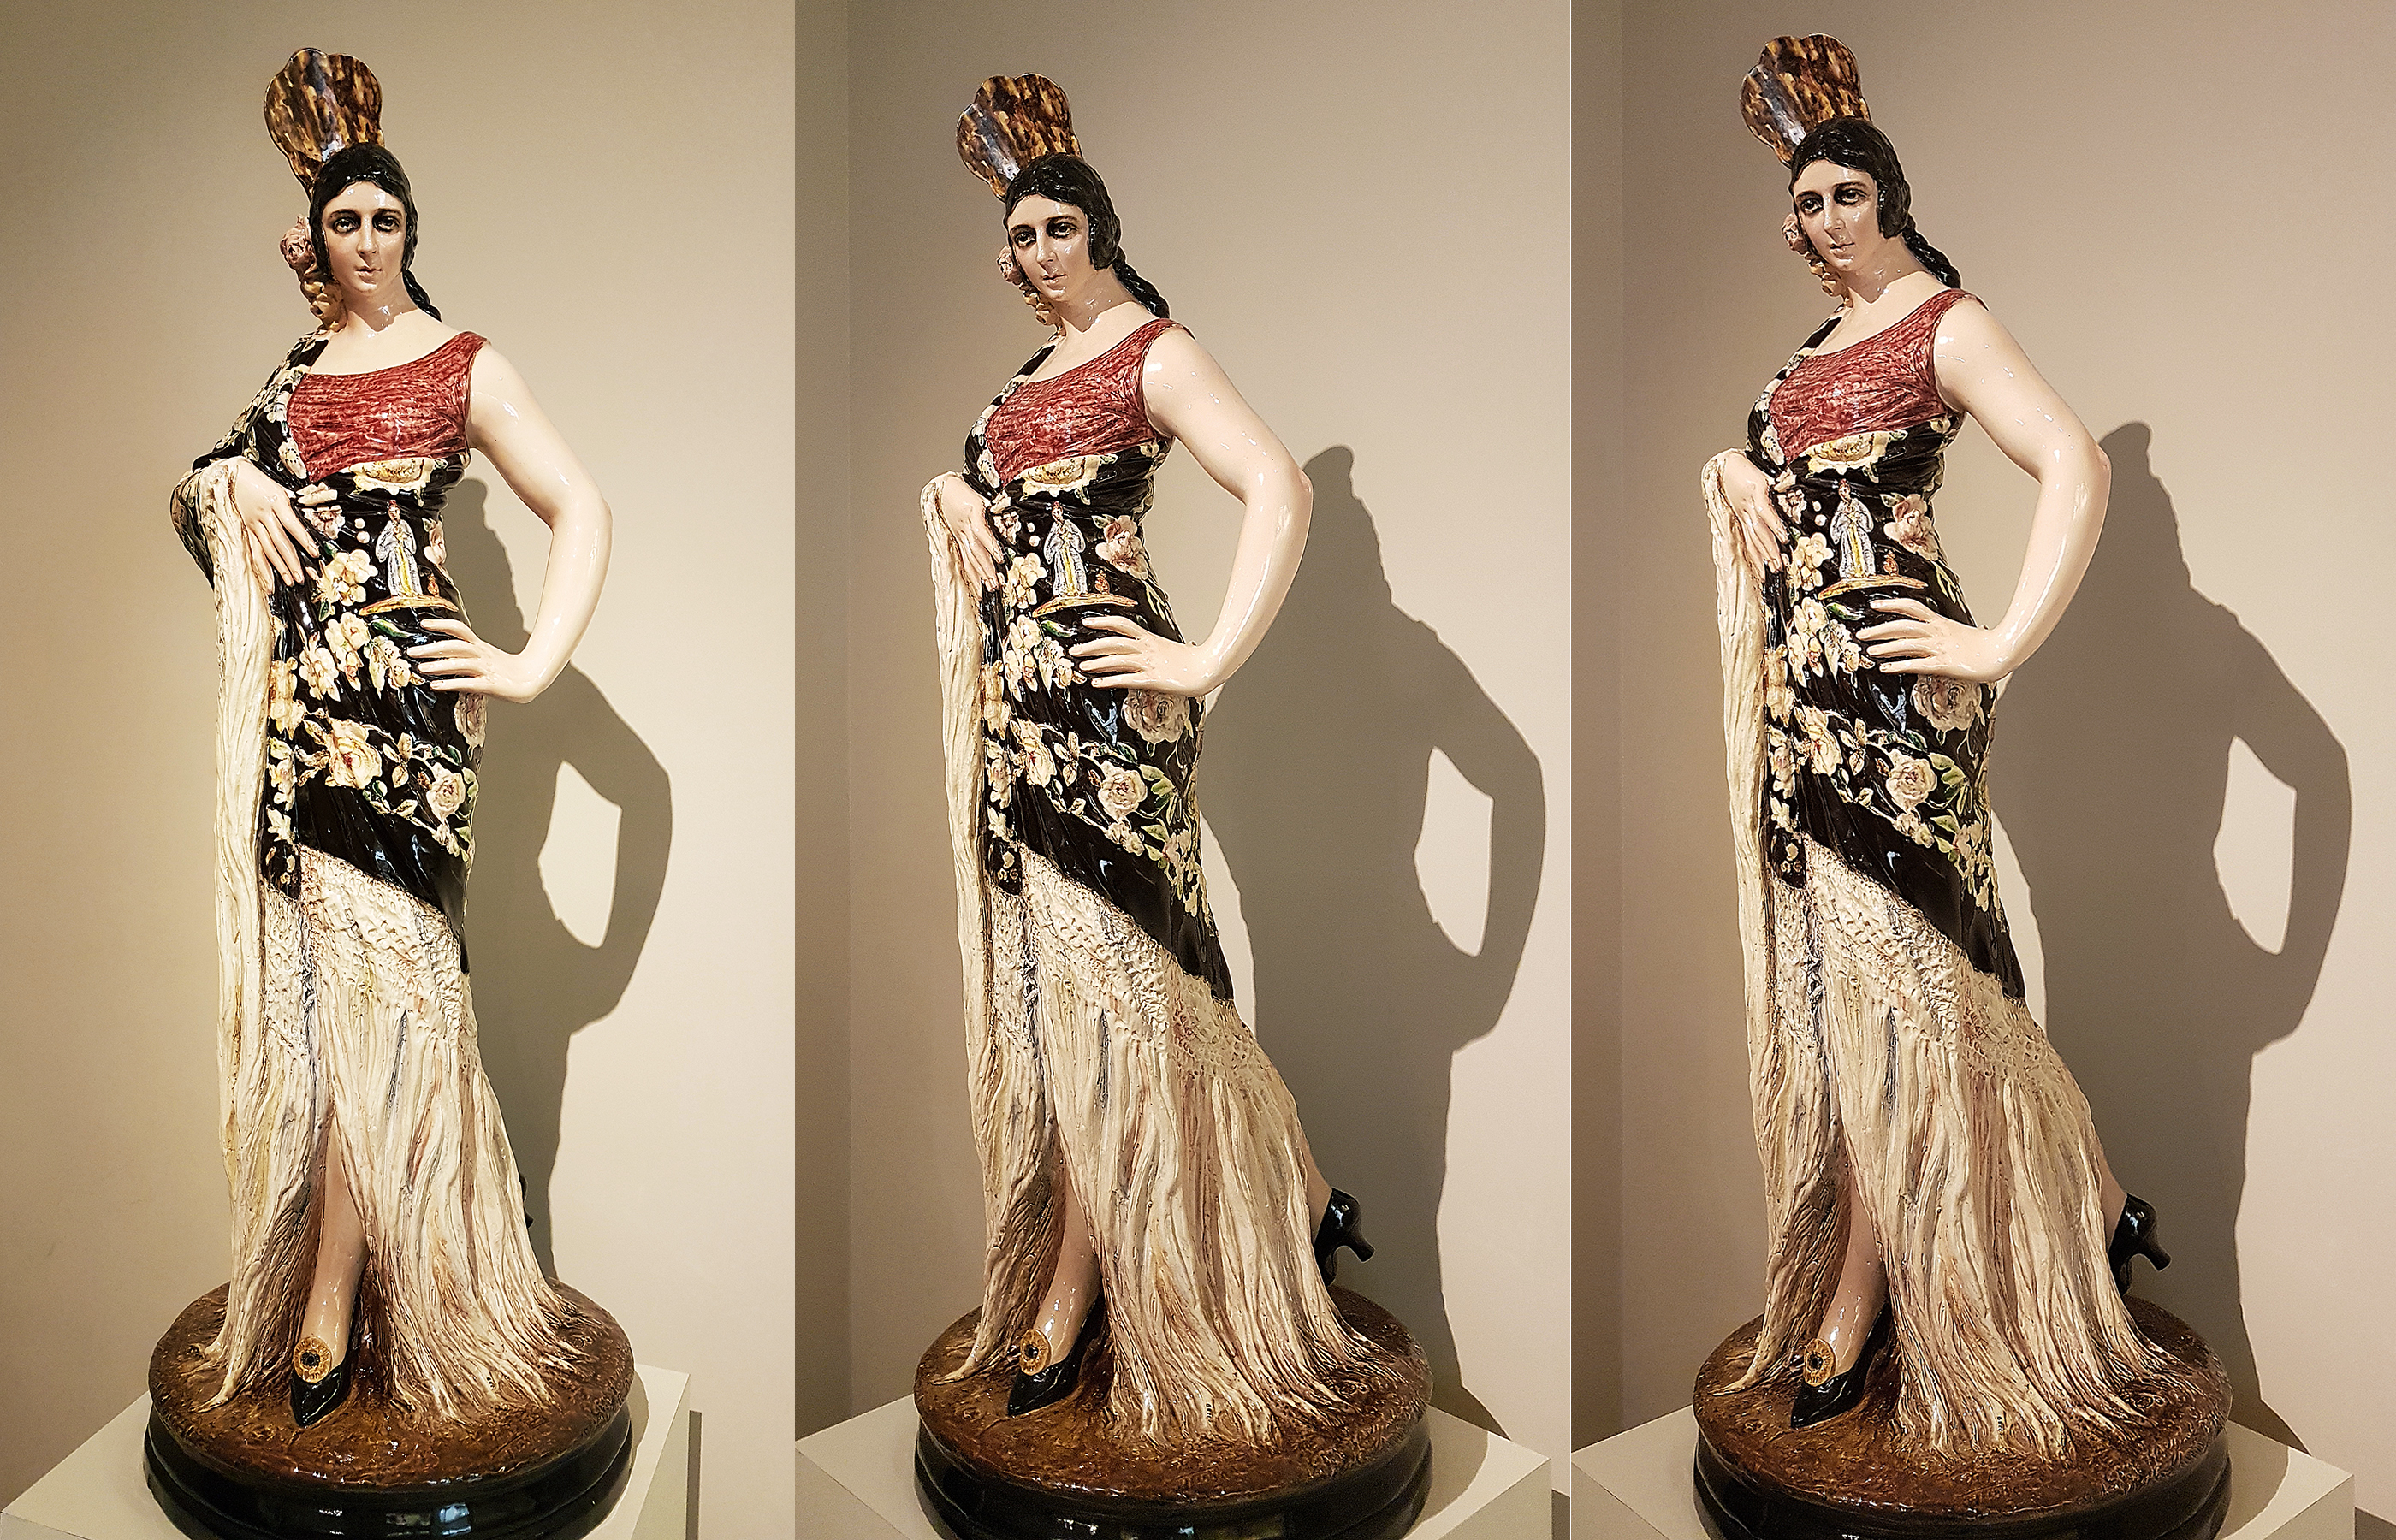 Статуя испанки от фабрики Lladro